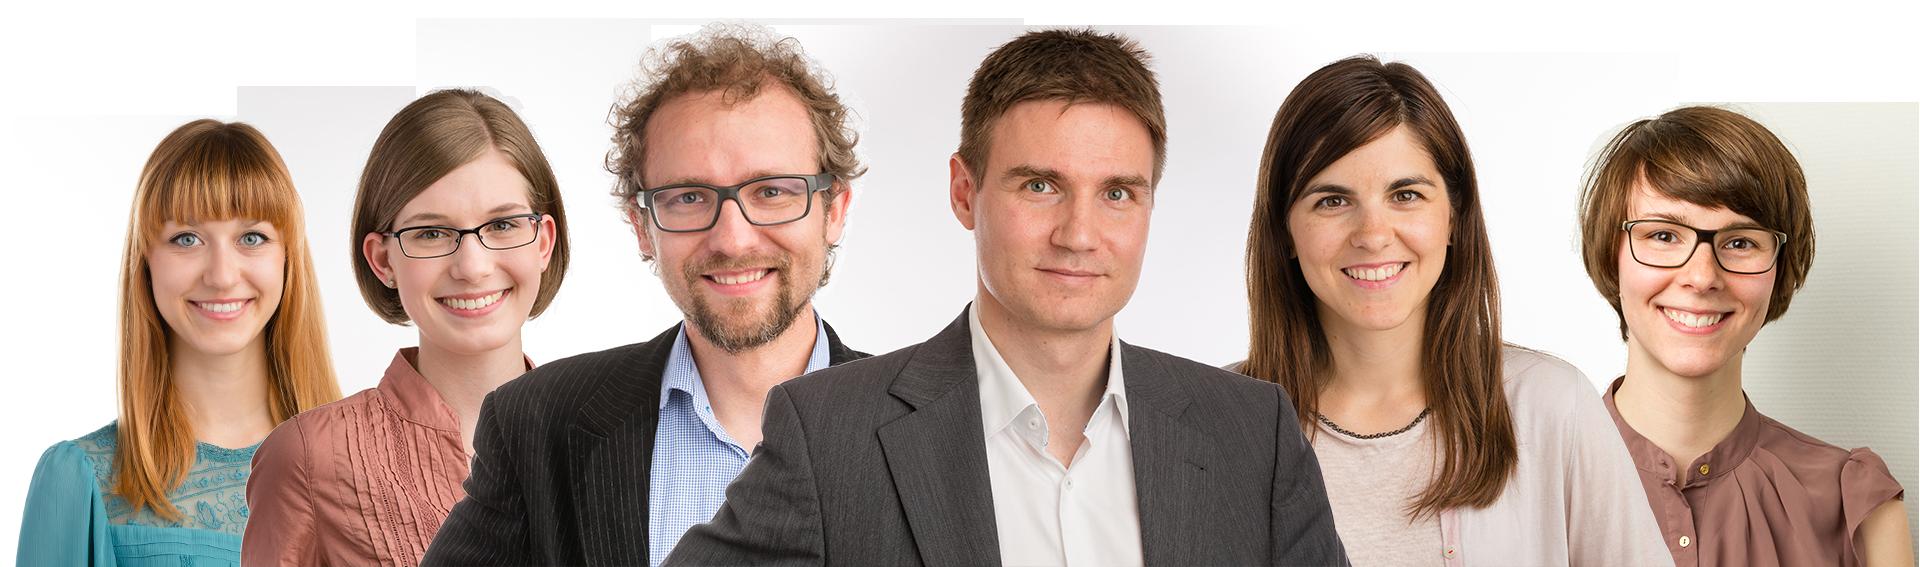 Jenalens Team: Ihre Ansprechpartner für gutes Sehen und gutes Aussehen